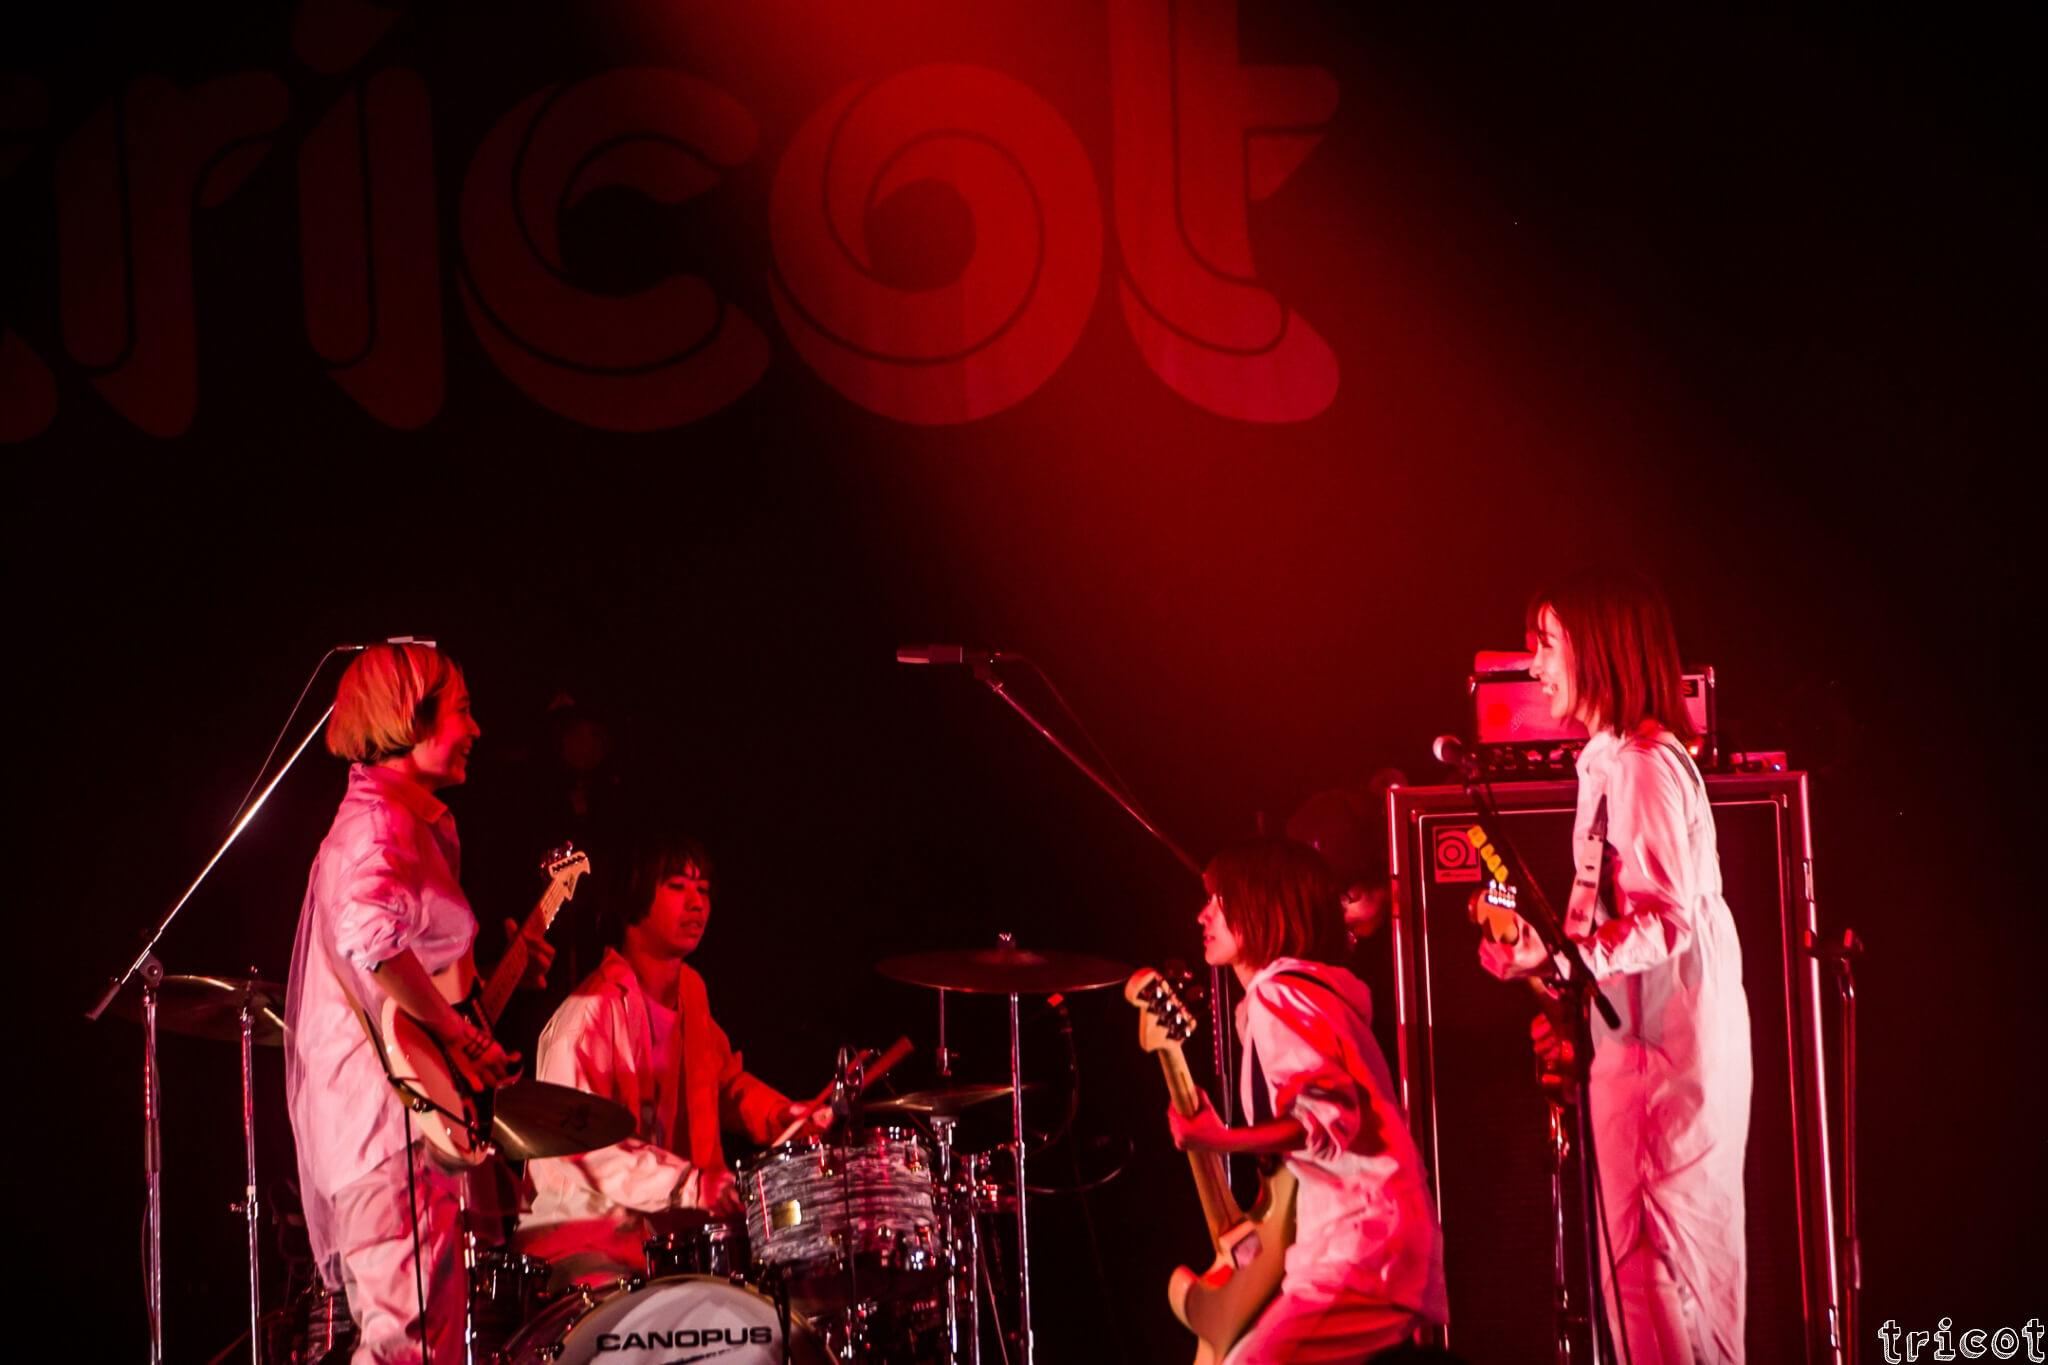 tricot、あの伝説の無観客LIVEの映像を公開